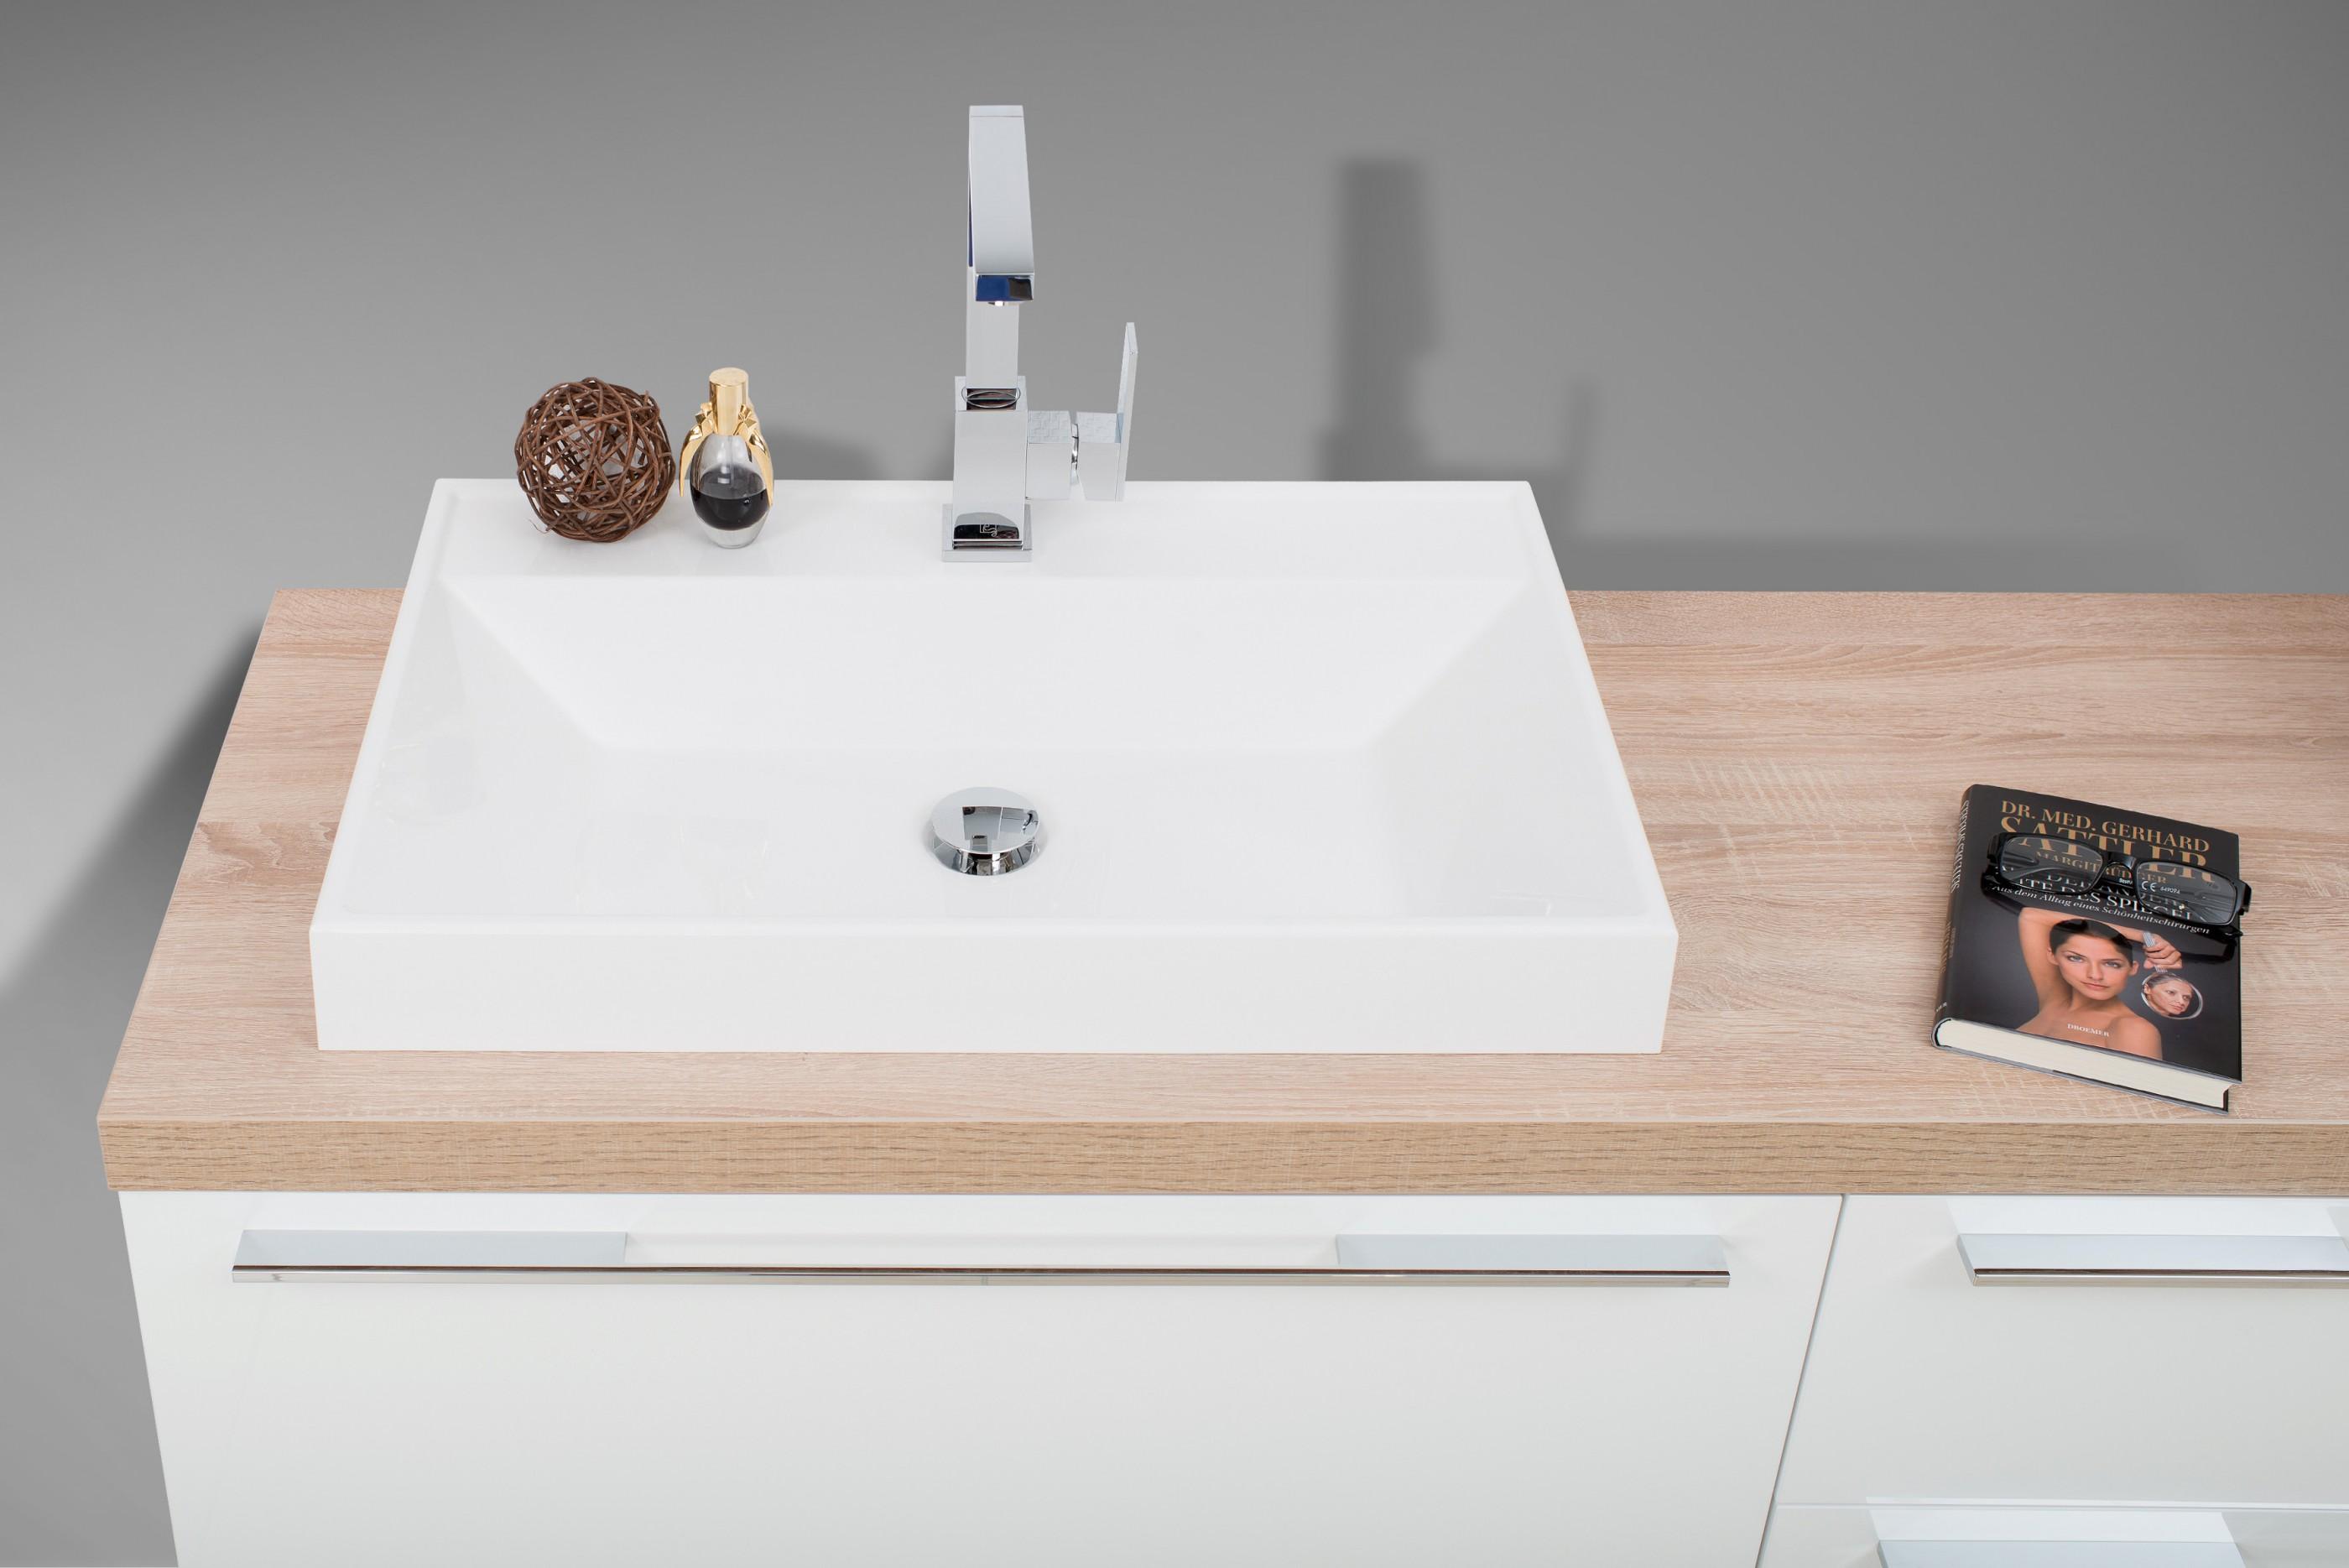 waschtischplatte mit aufsatzwaschtisch und unterschrank set design badezimmereinrichtung. Black Bedroom Furniture Sets. Home Design Ideas